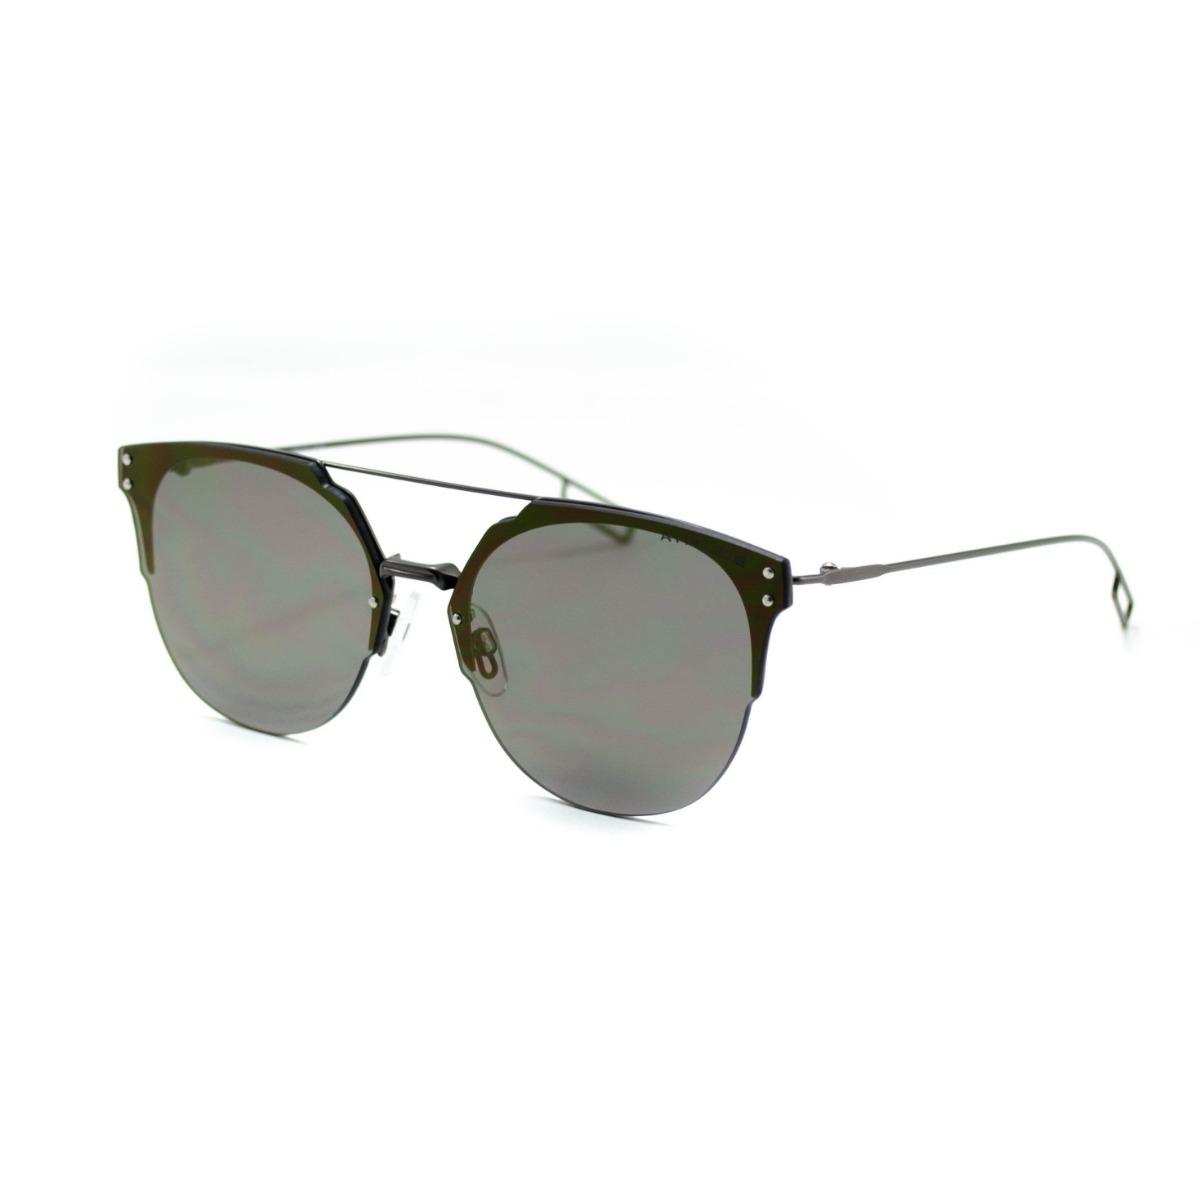 e3095ad53 Óculos De Sol Atitude - At3179 02a - Cinza - R$ 169,99 em Mercado Livre